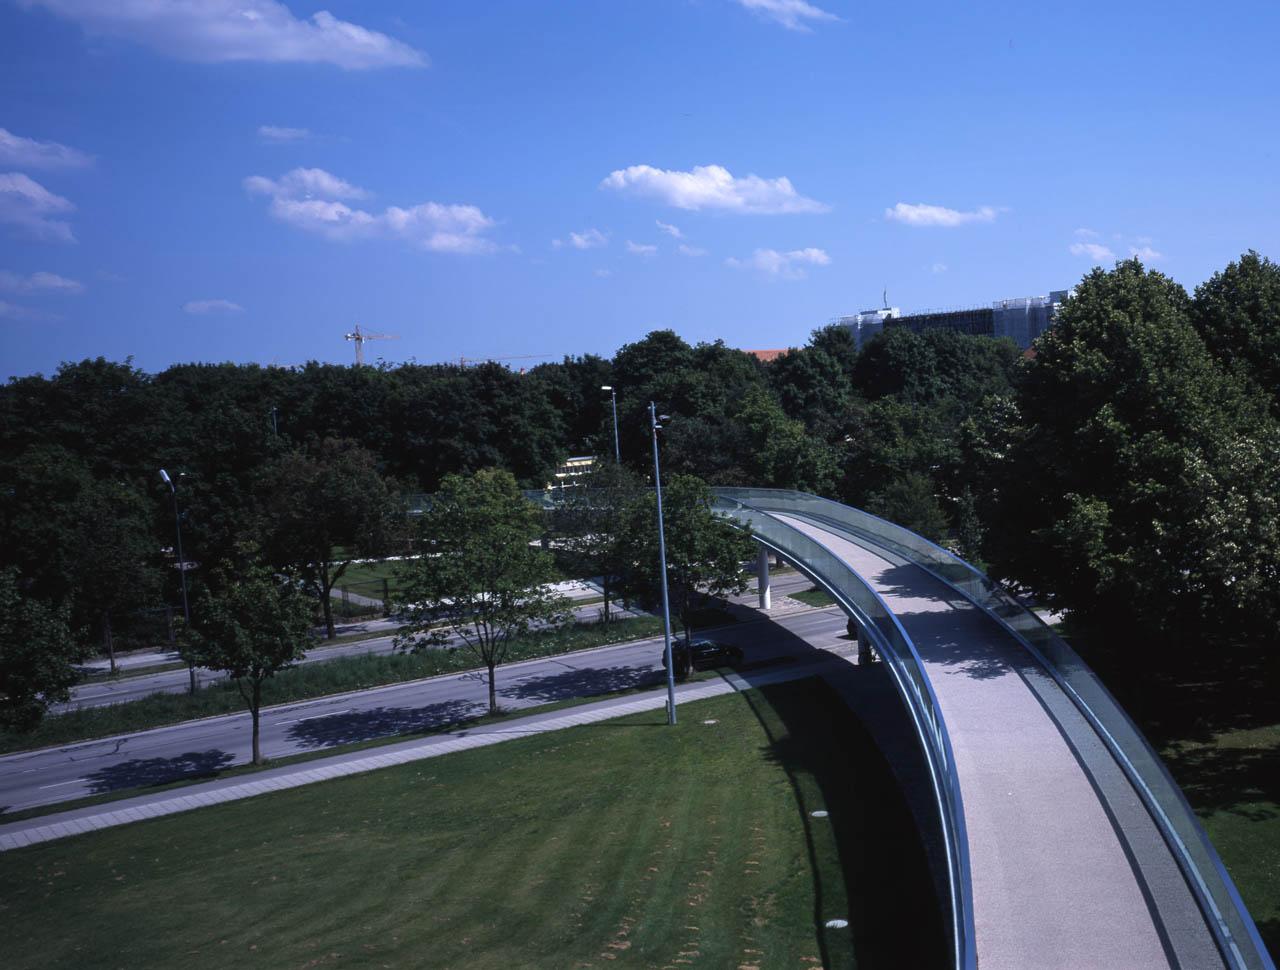 Fuß- und Radwegebrücke Ackermannstraße, München